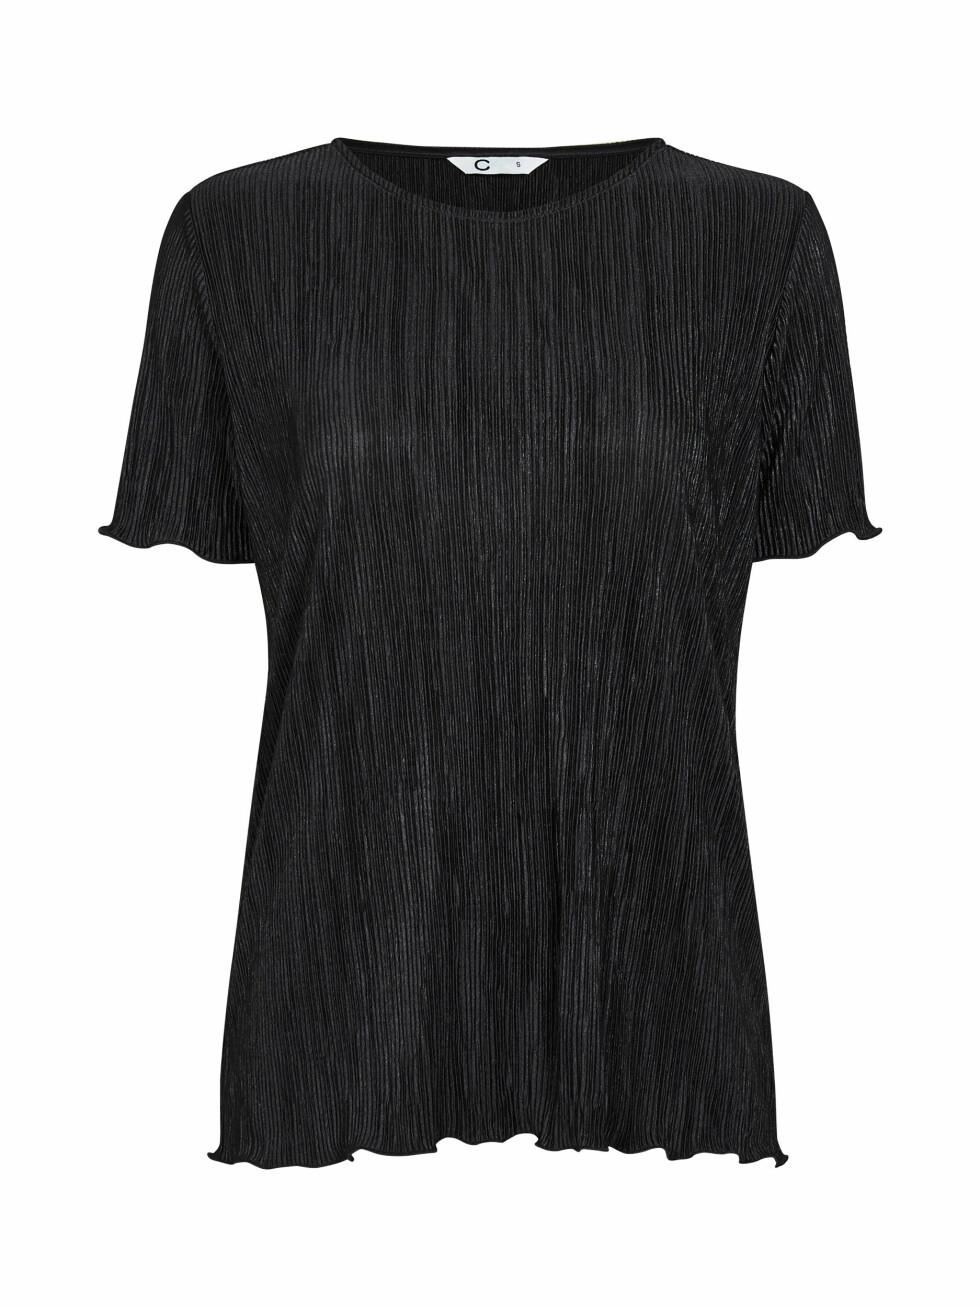 T-skjorte (kr 150, Cubus).